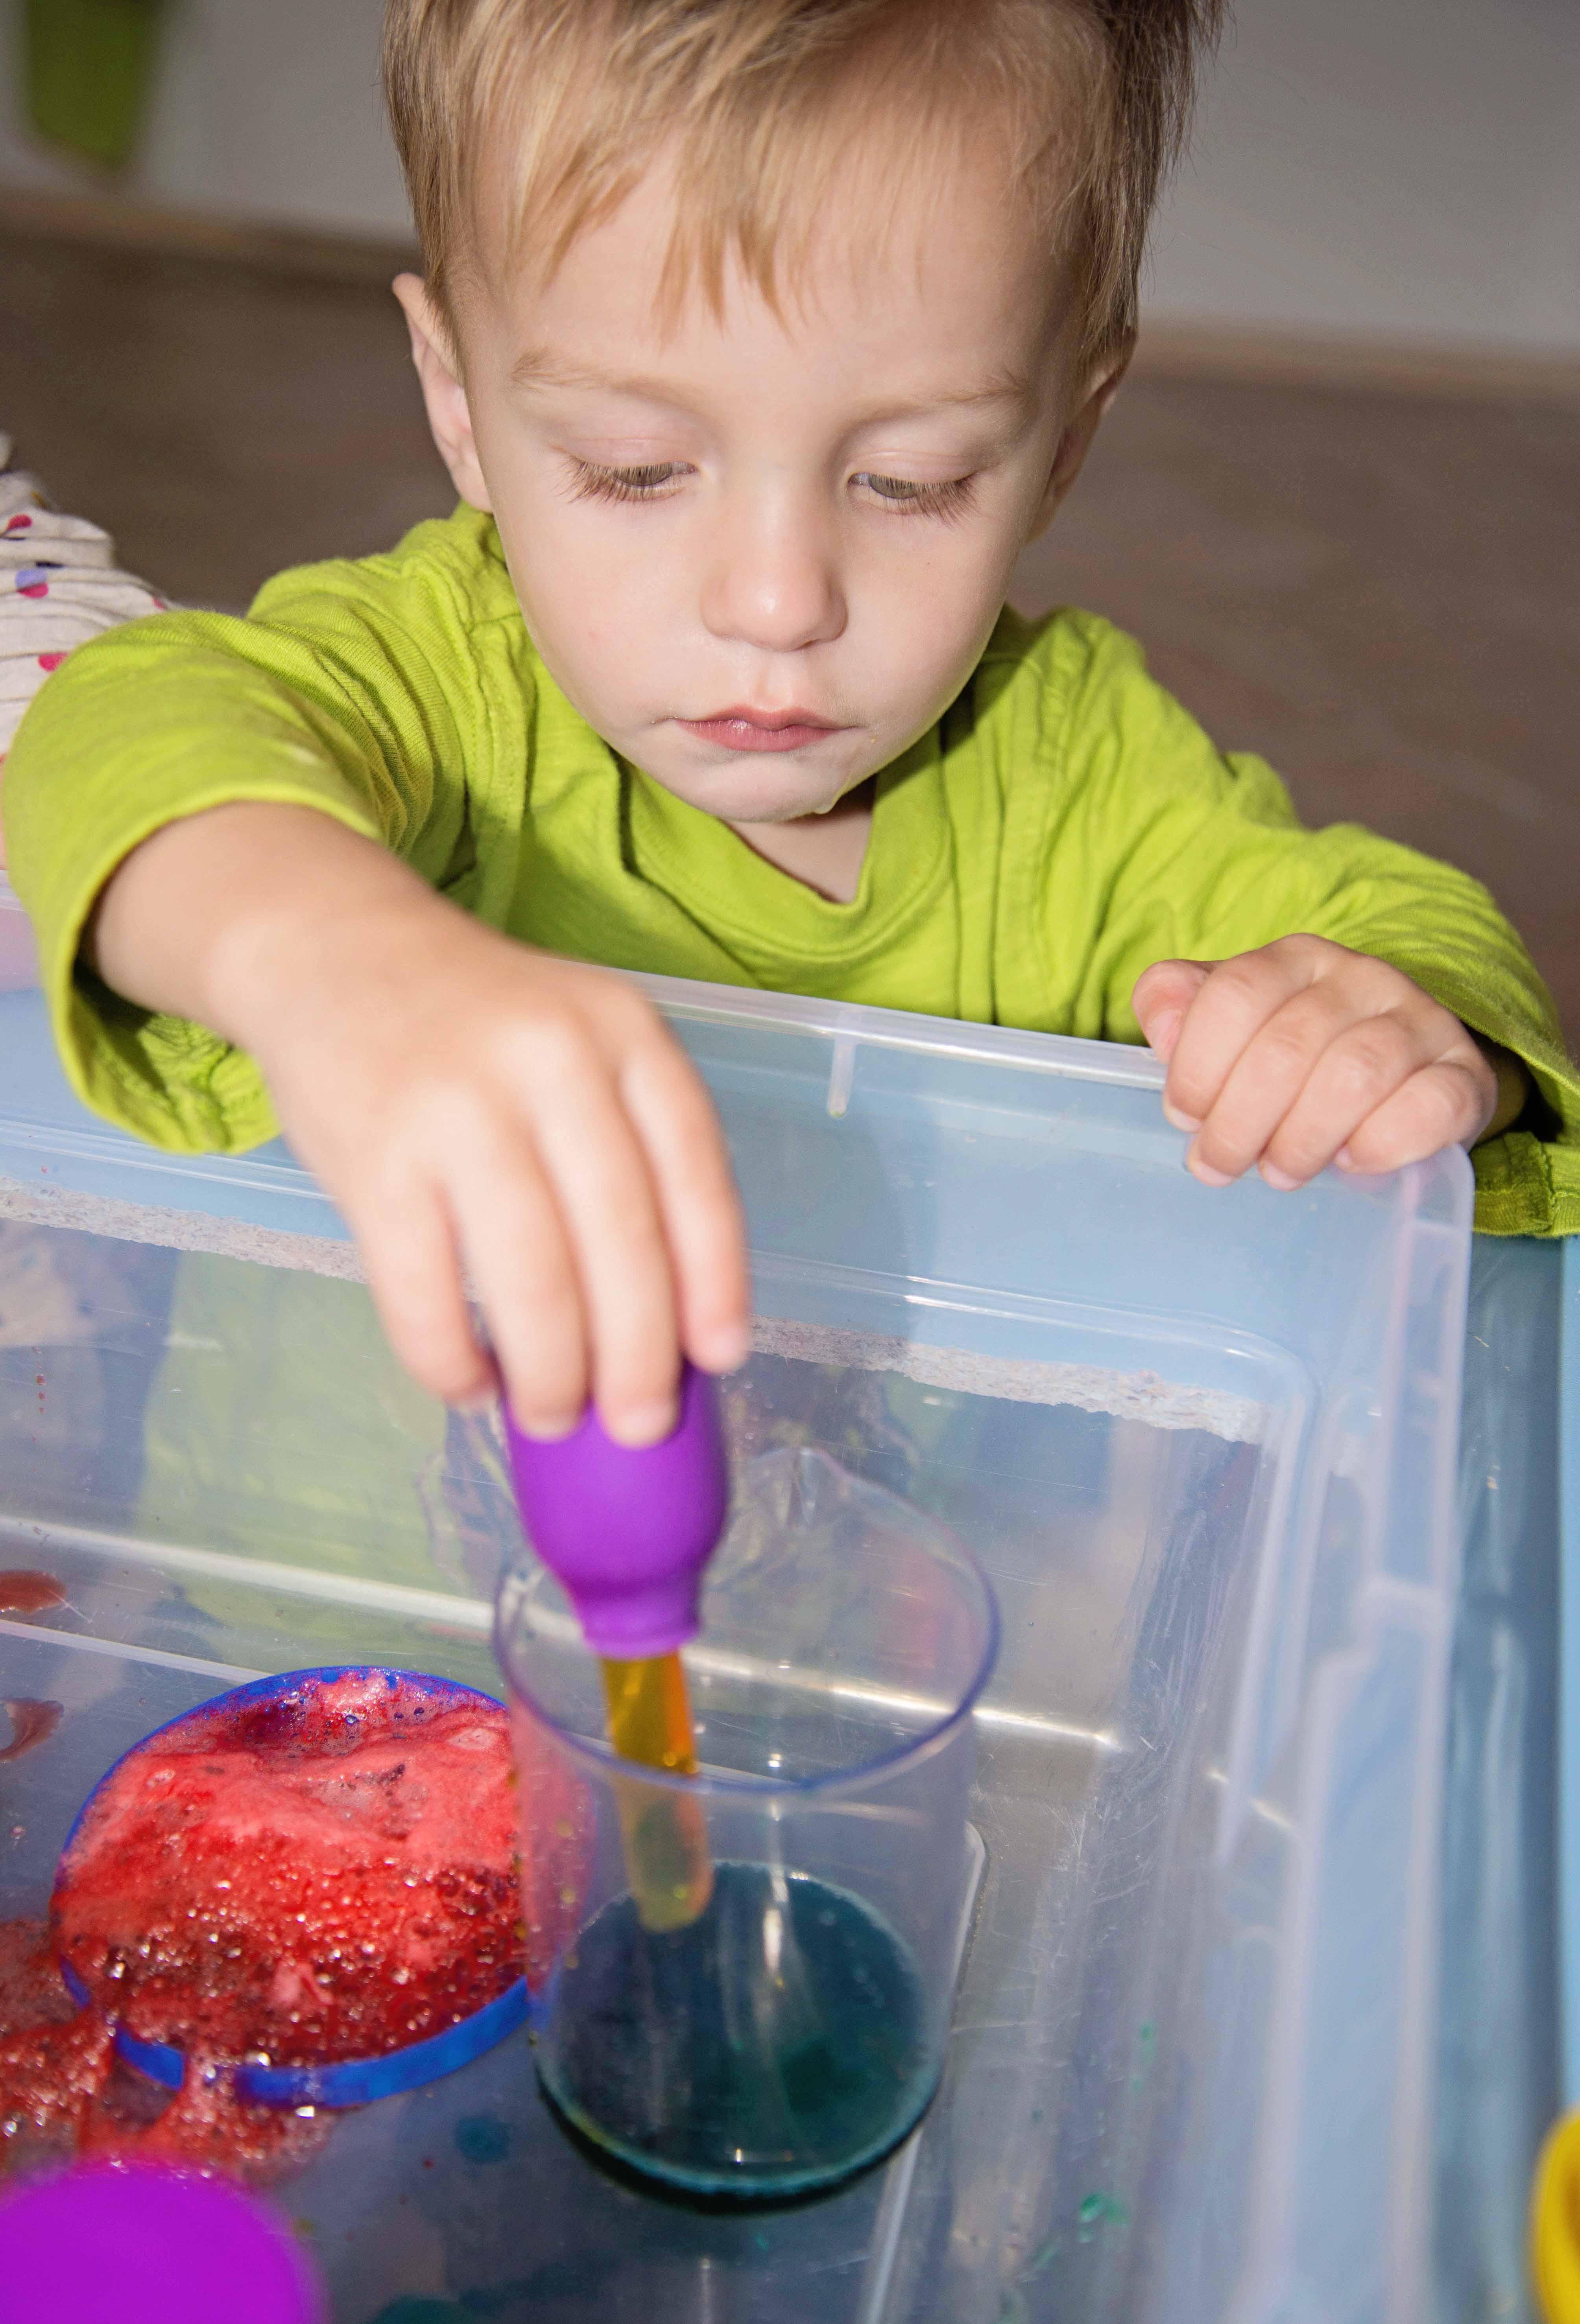 Child let science exploration